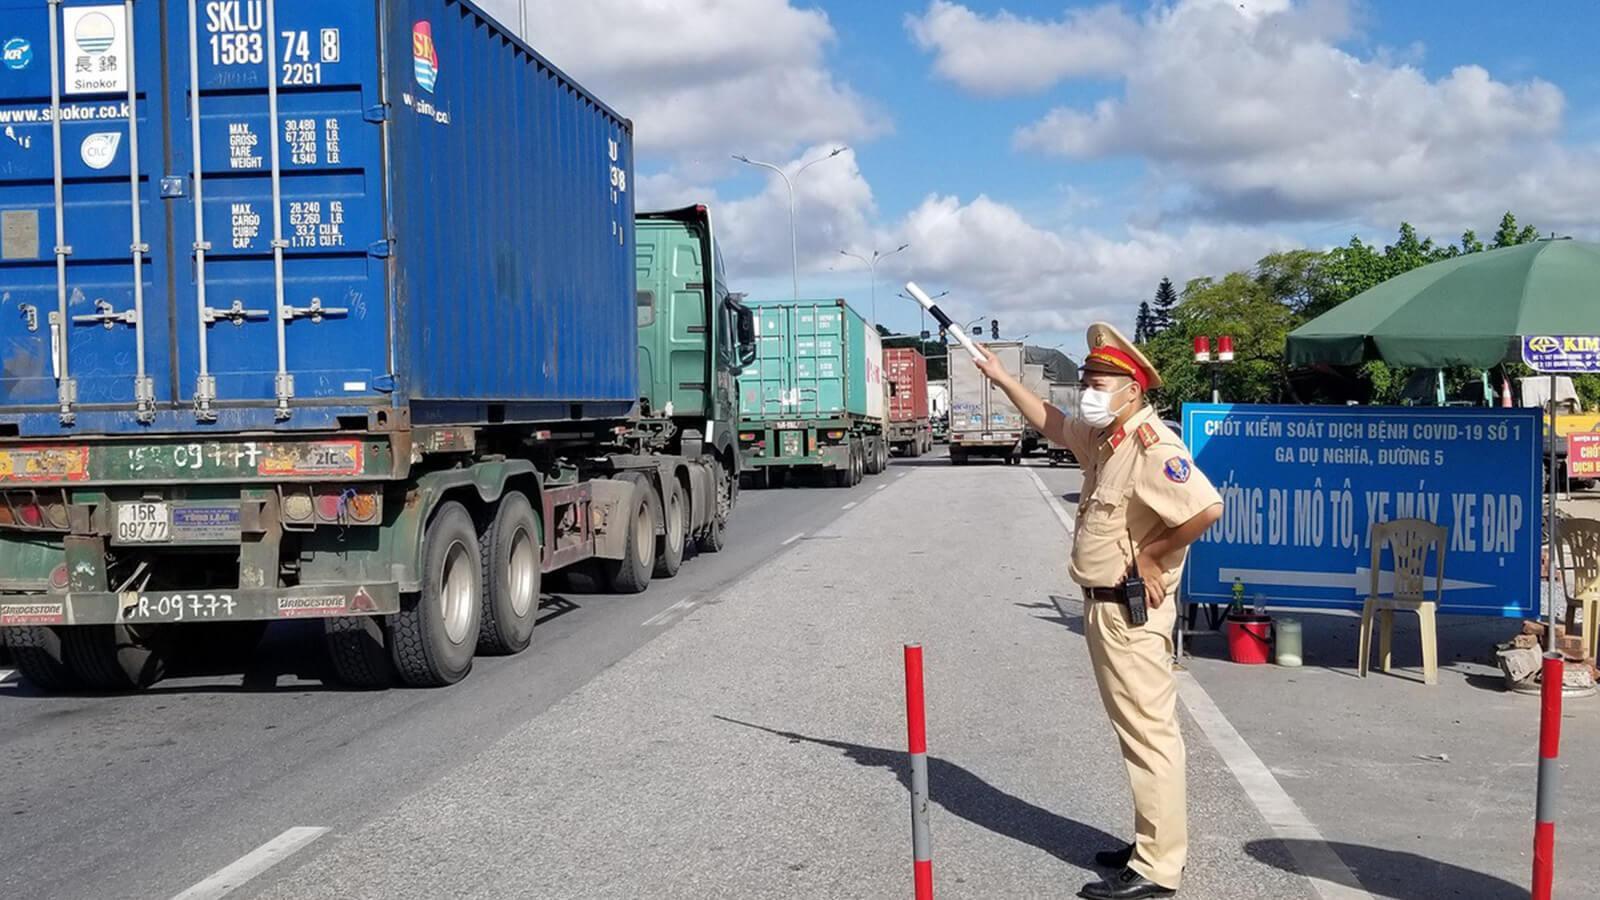 Không kiểm tra giấy xét nghiệm COVID-19 với lái xe vận chuyển hàng hóa trong nội vùng 19 tỉnh thành